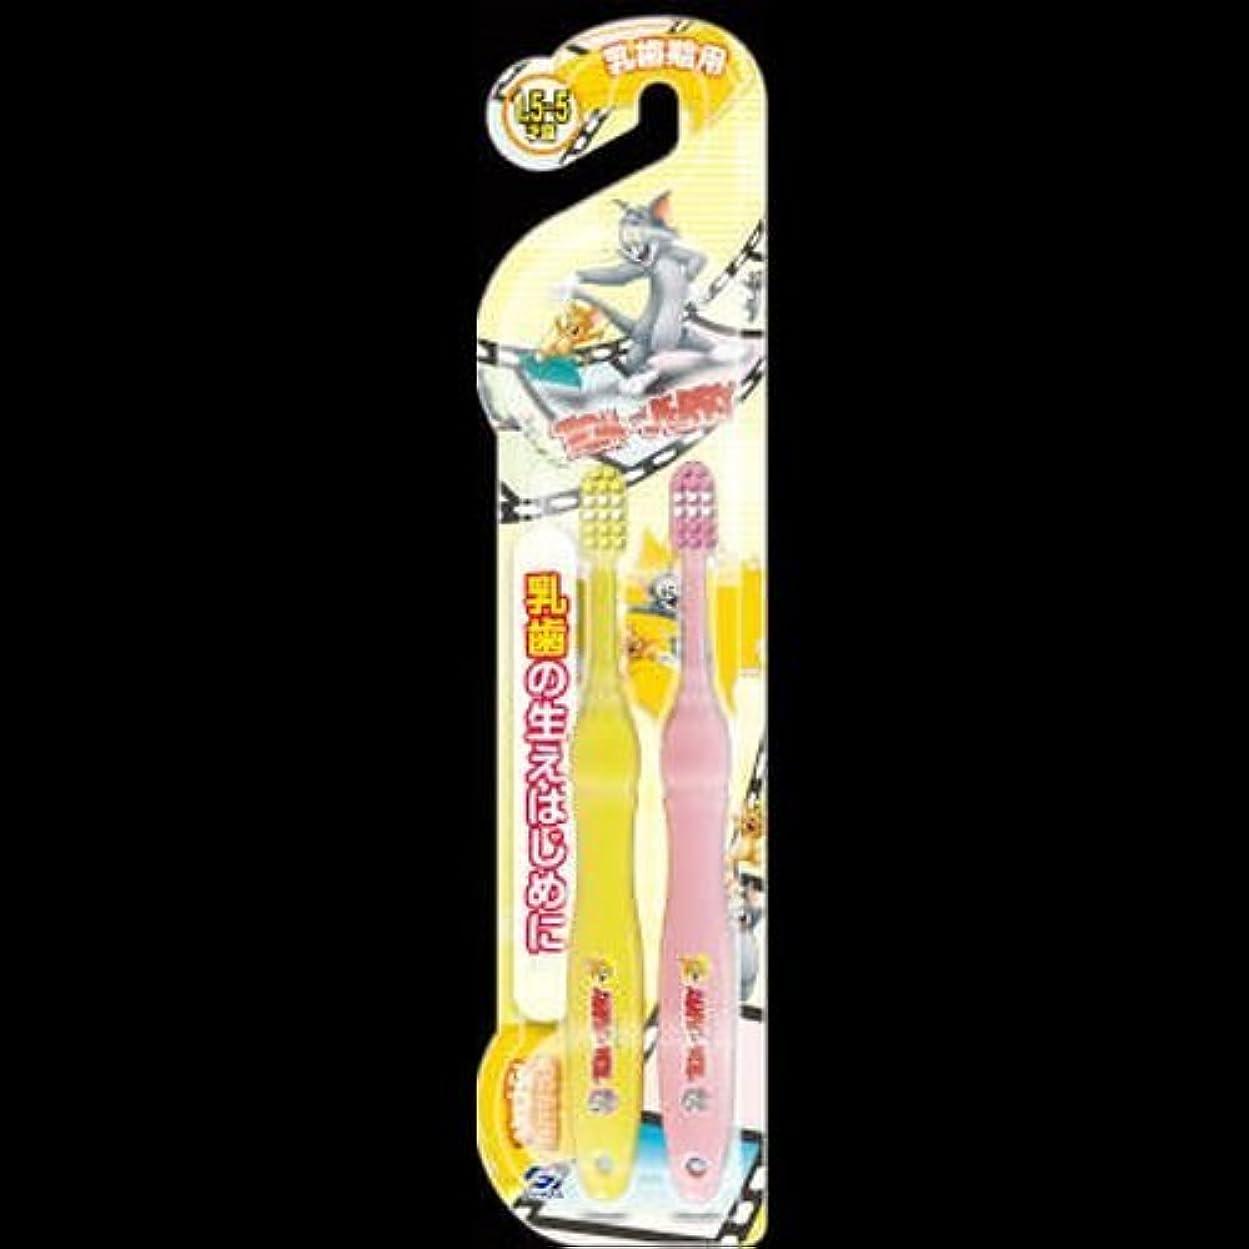 固執ベルト浮浪者トム&ジェリーハブラシ 乳歯期用(1.5-5才) 2本組 ×2セット